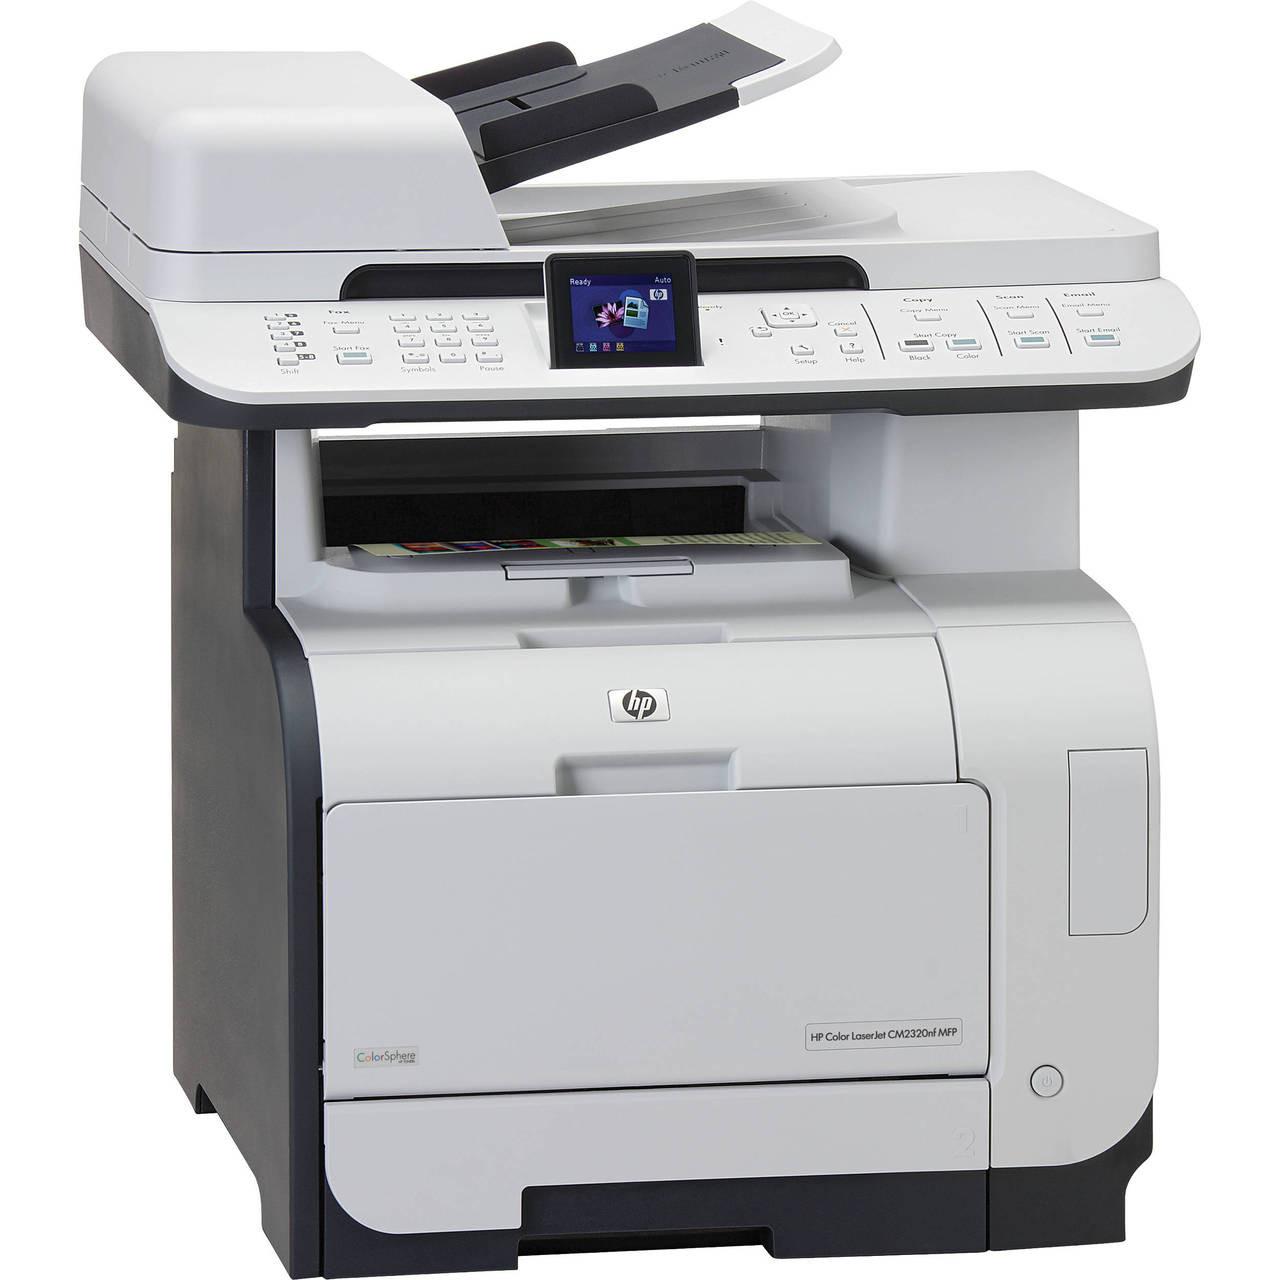 HP Color LaserJet CM2320nf MFP - CC436A - HP Laser Printer for sale